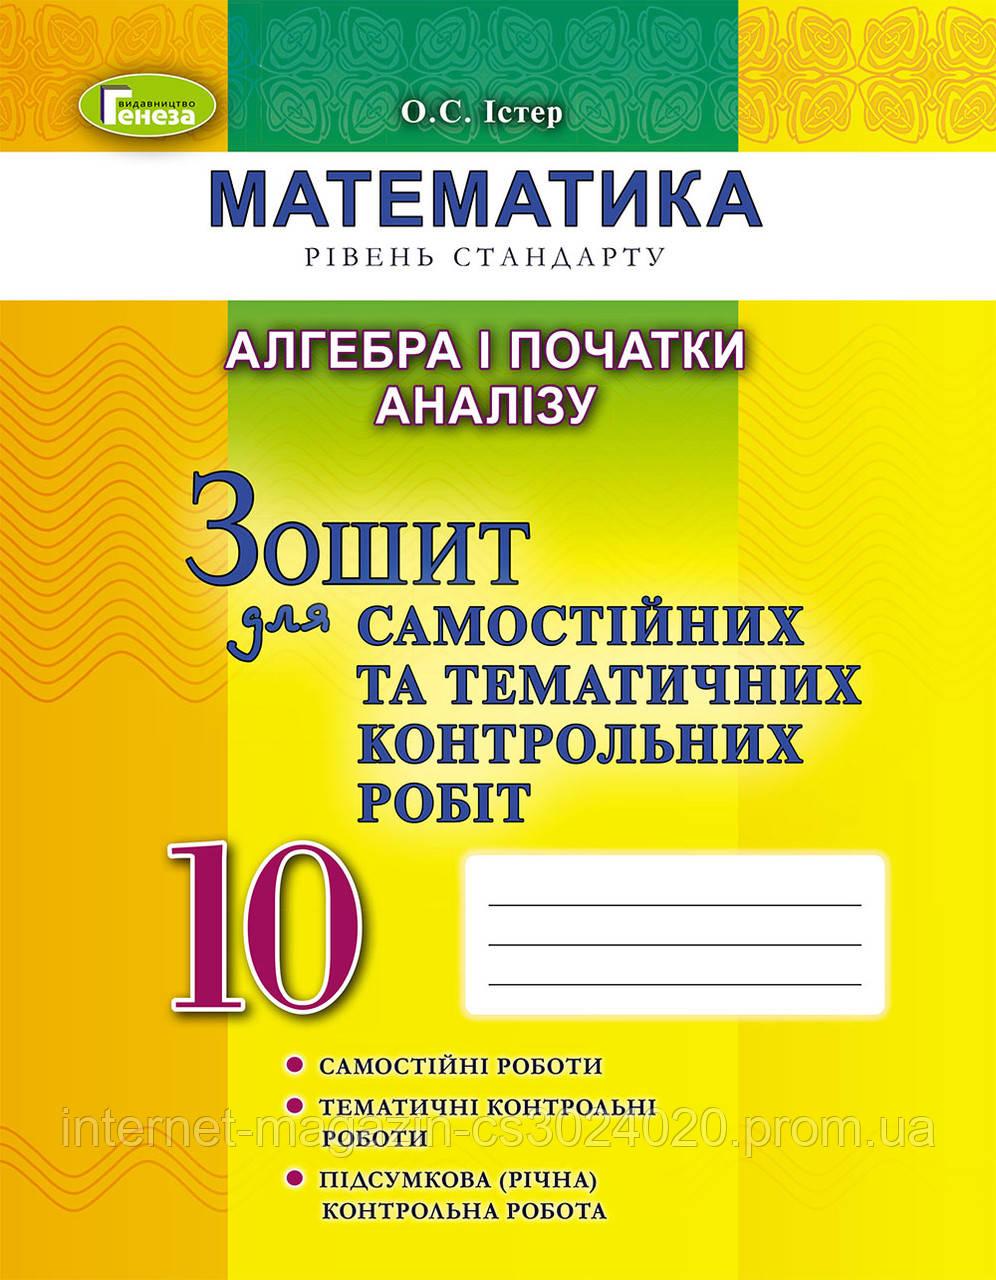 Алгебра 10 клас. Зошит для самостійних та тематичних контрольних робіт. Істер О. С.